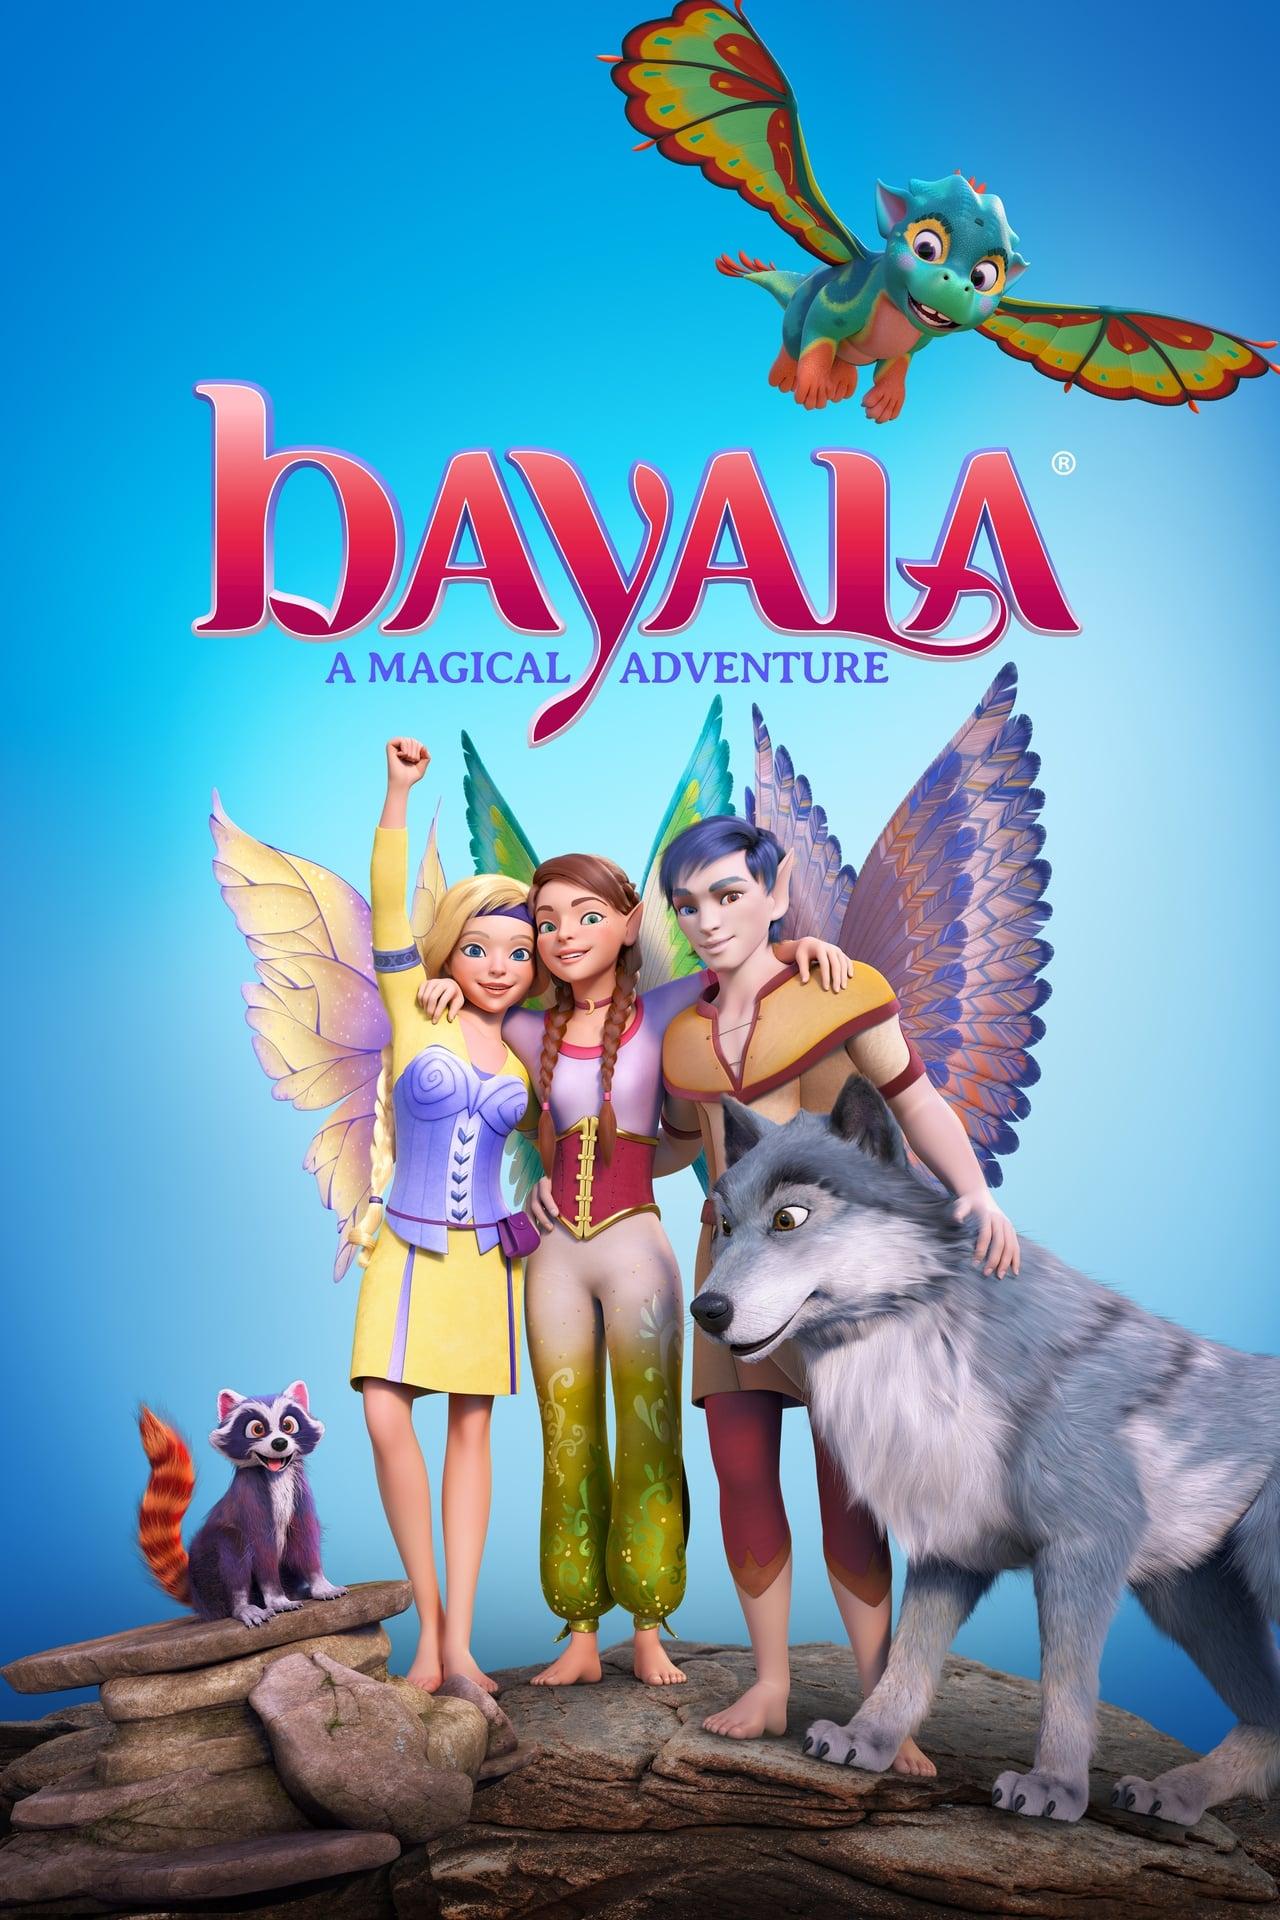 Bayala – A Magical Adventure